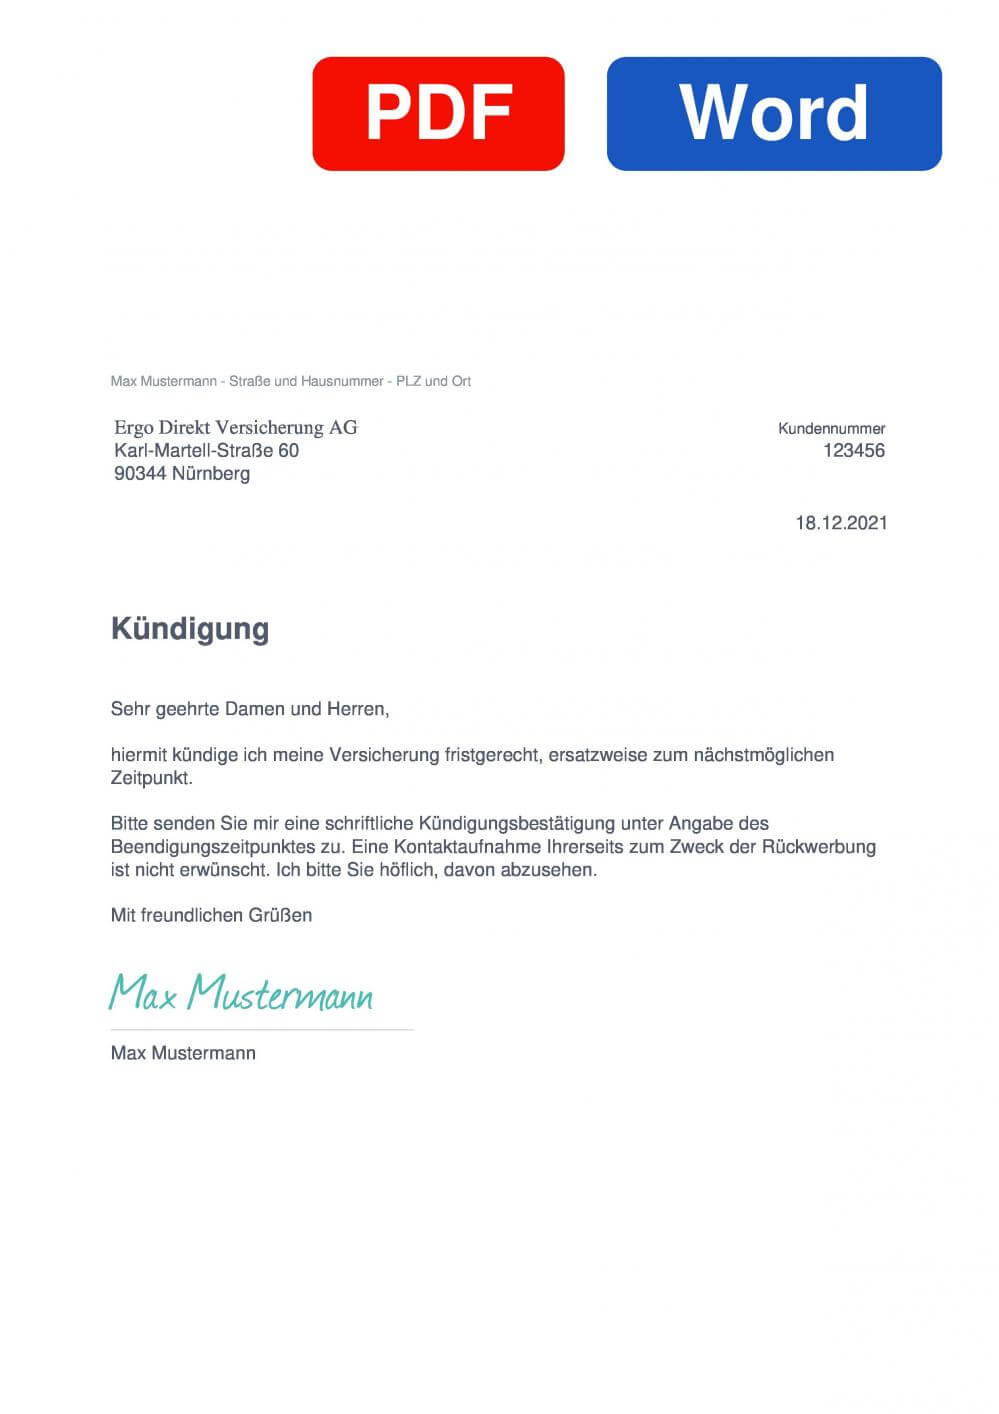 ERGO Direkt Rentenversicherung Muster Vorlage für Kündigungsschreiben